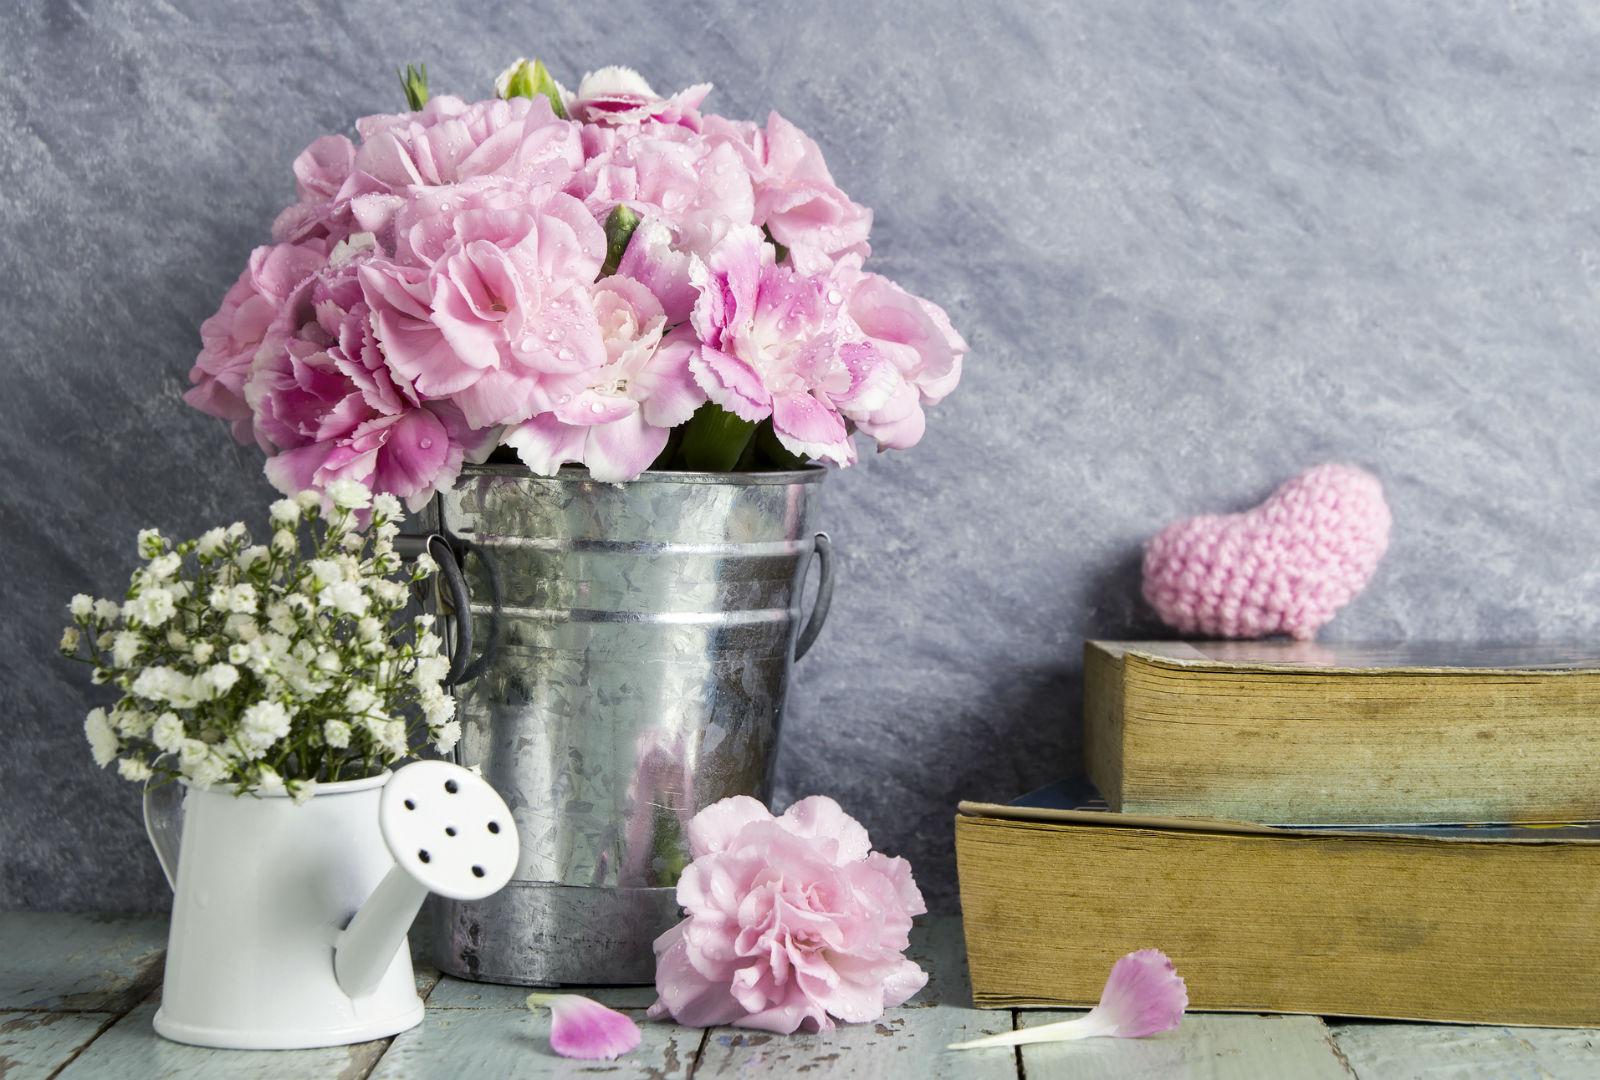 ブリキのバケツにピンクの花が生けられているイメージ。